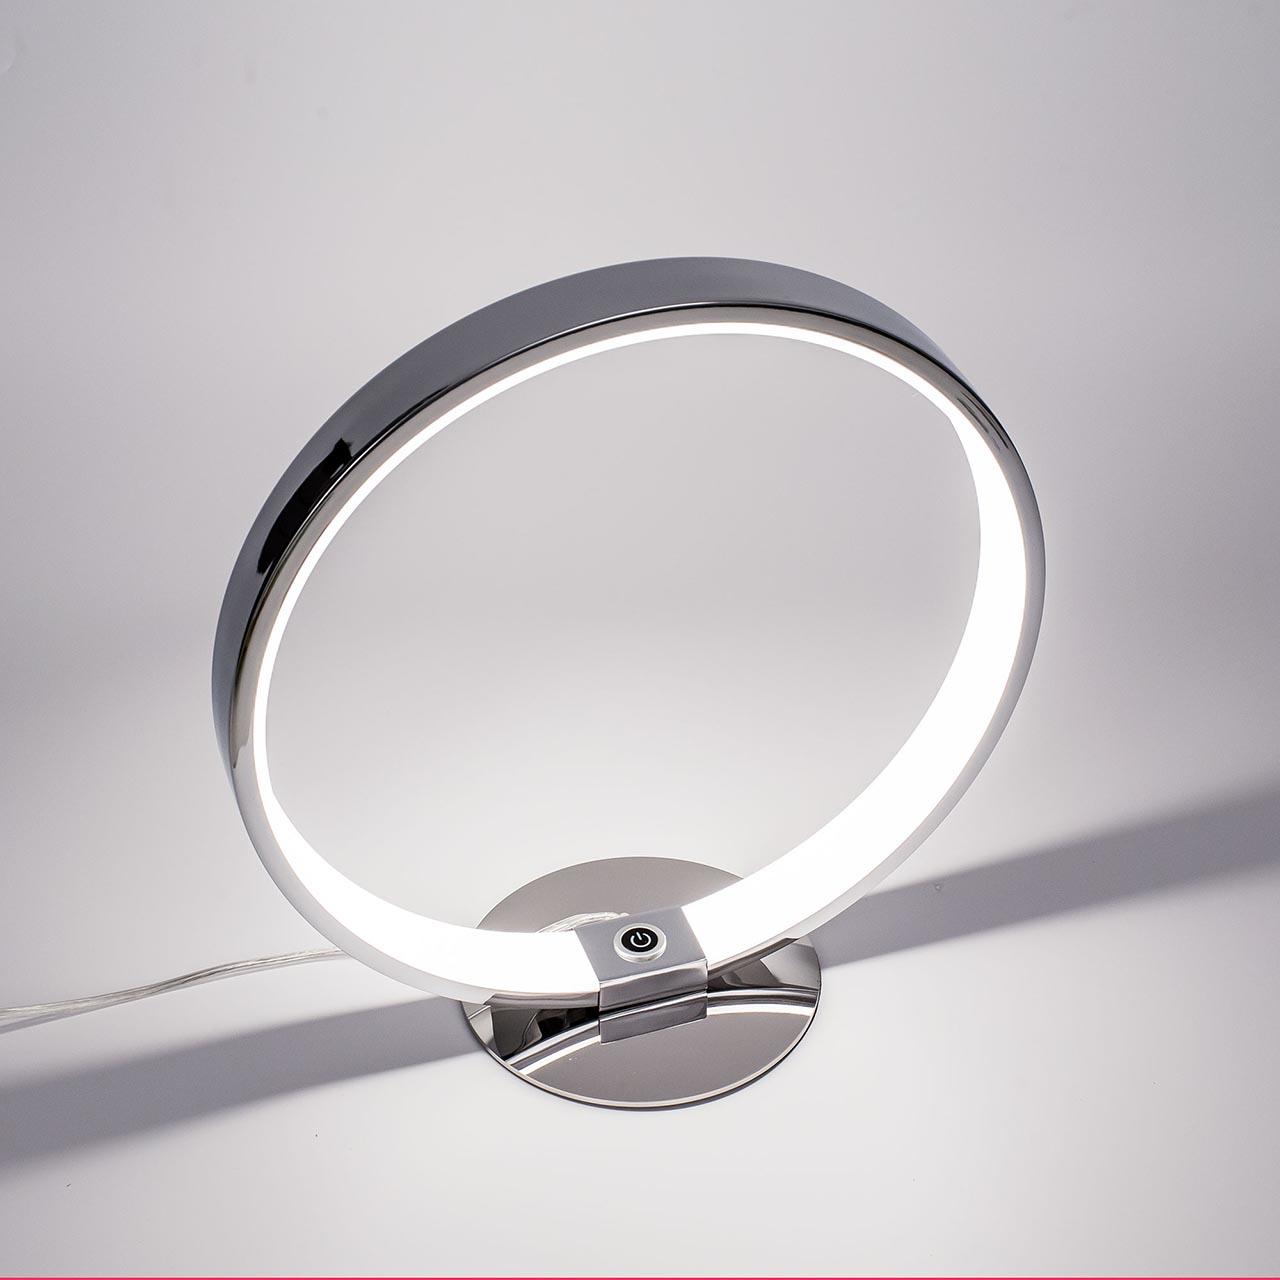 Фото - Настольная лампа Citilux Джек CL226811 настольная лампа citilux 913 cl913811 75 вт